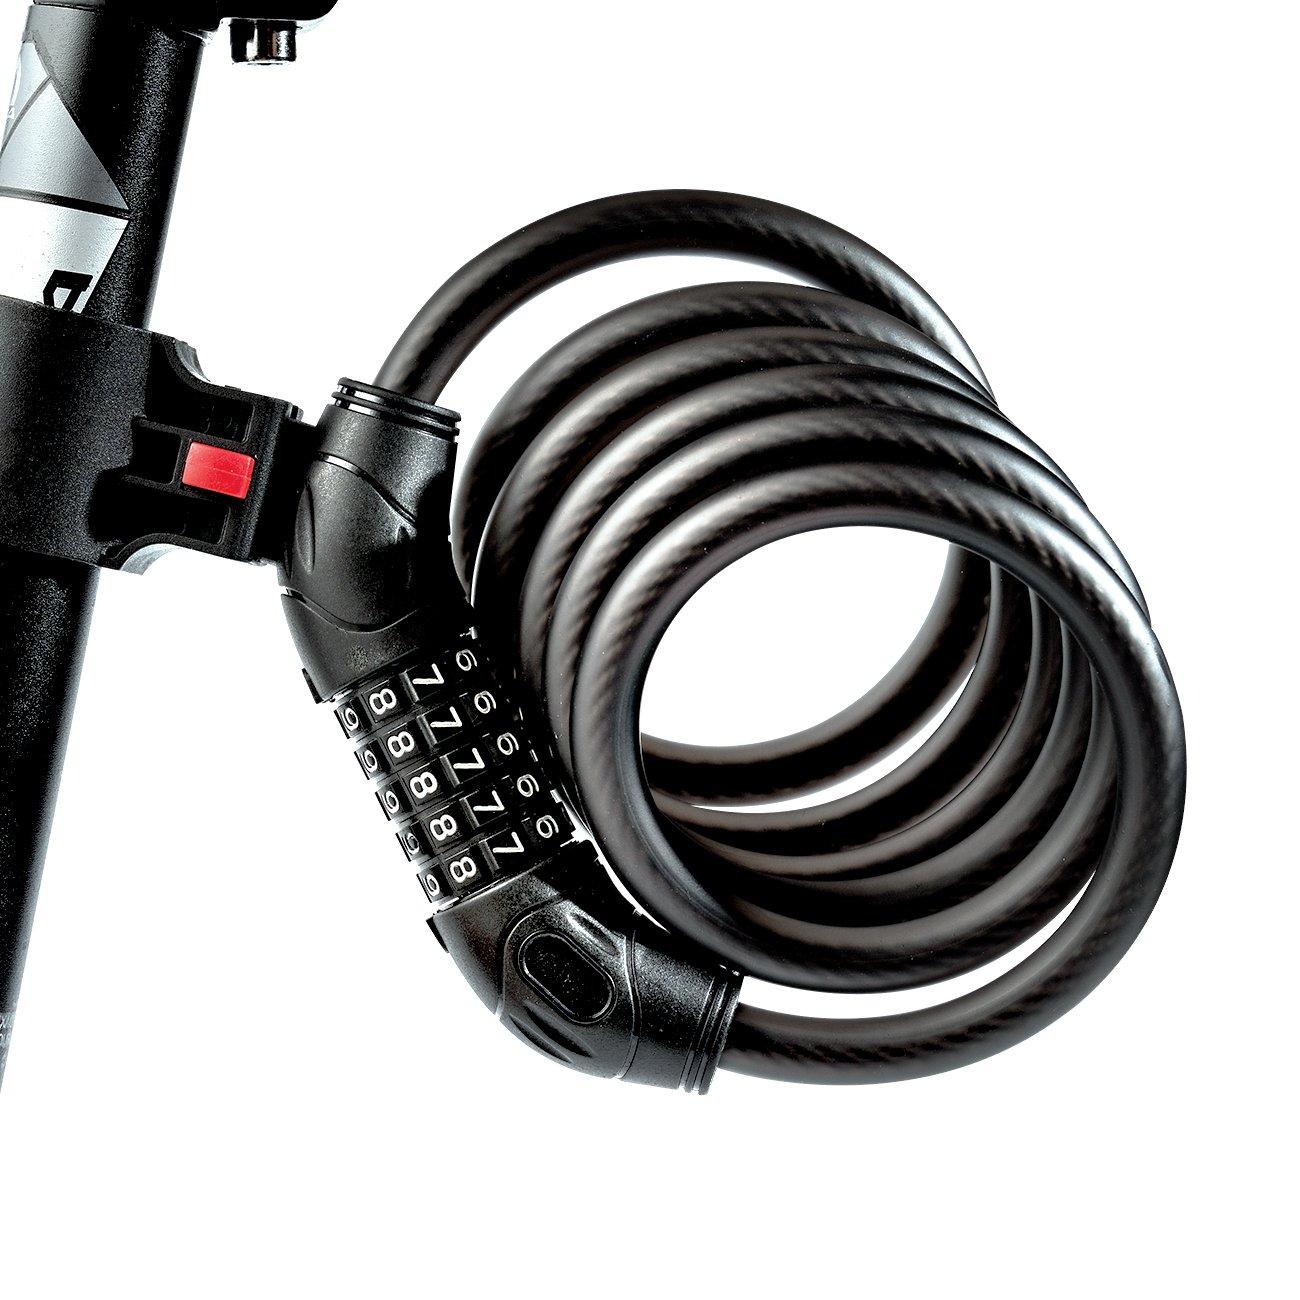 WHEEL UP バイクロックケーブル 5桁 リセット可能 組み合わせ コイルケーブル 盗難防止 ロック パスワードケーブル スチールワイヤロック 自転車 アウトドア 6フィート x 1/2インチ スチールケーブル 120.0 センチメートル  B075DXYTX4